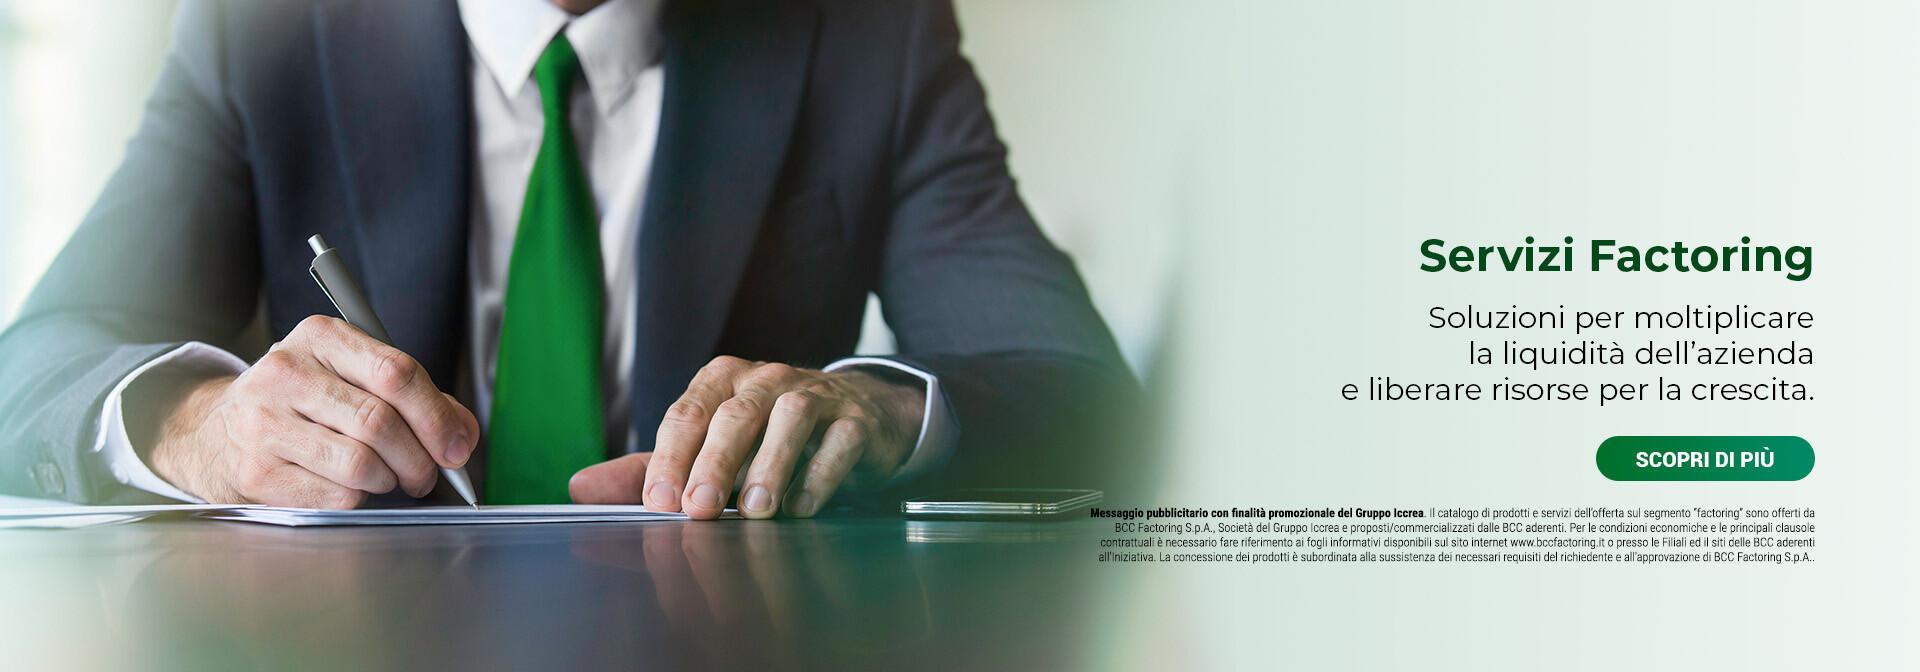 servizi consulenza bcc factoring